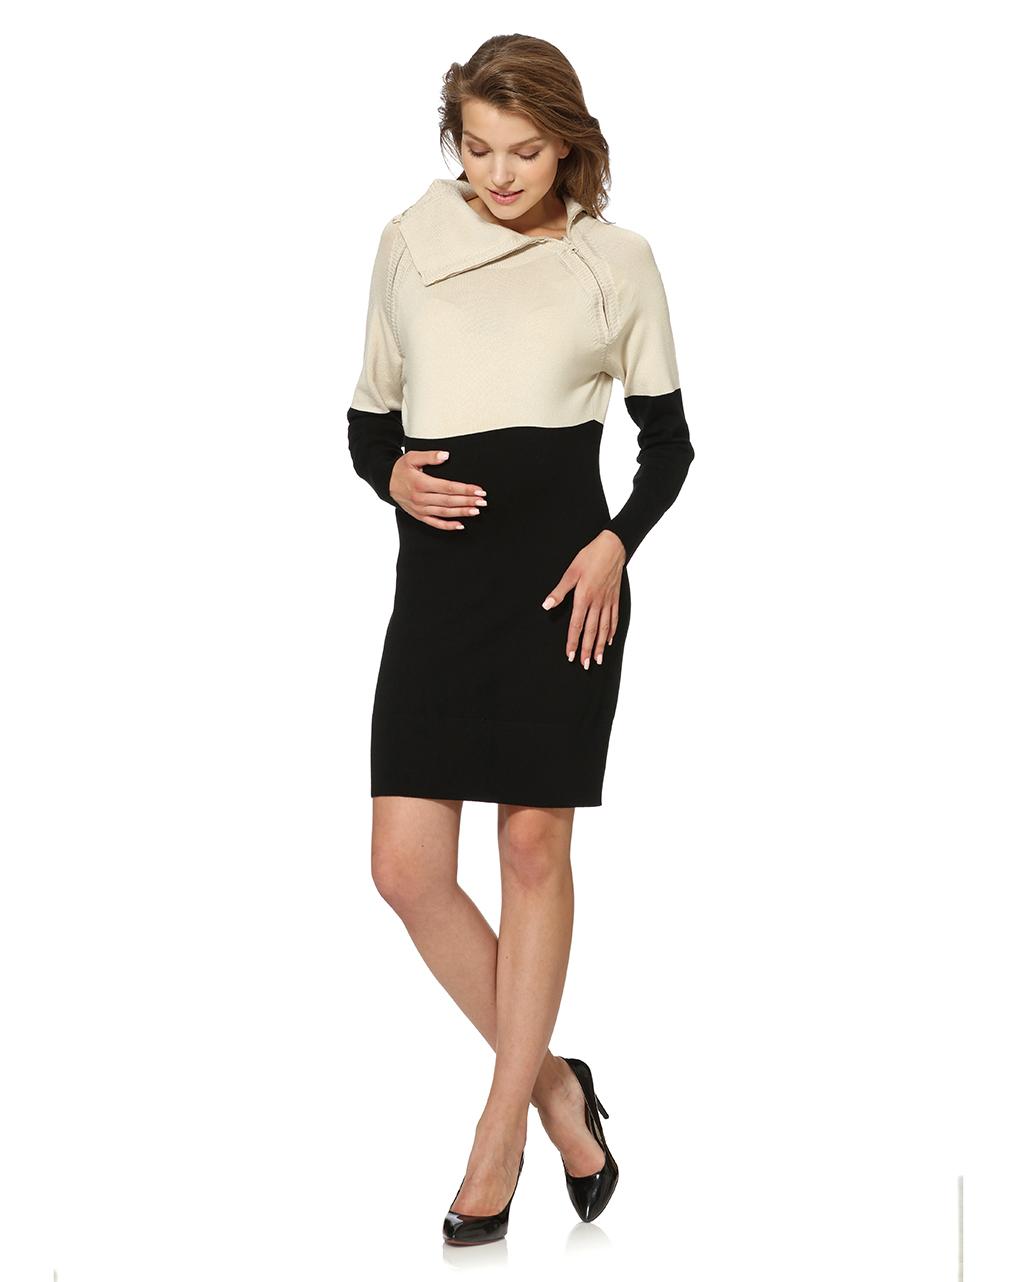 Γυναικείο Μπλουζοφόρεμα Πλεκτό Λευκό-Μαύρο